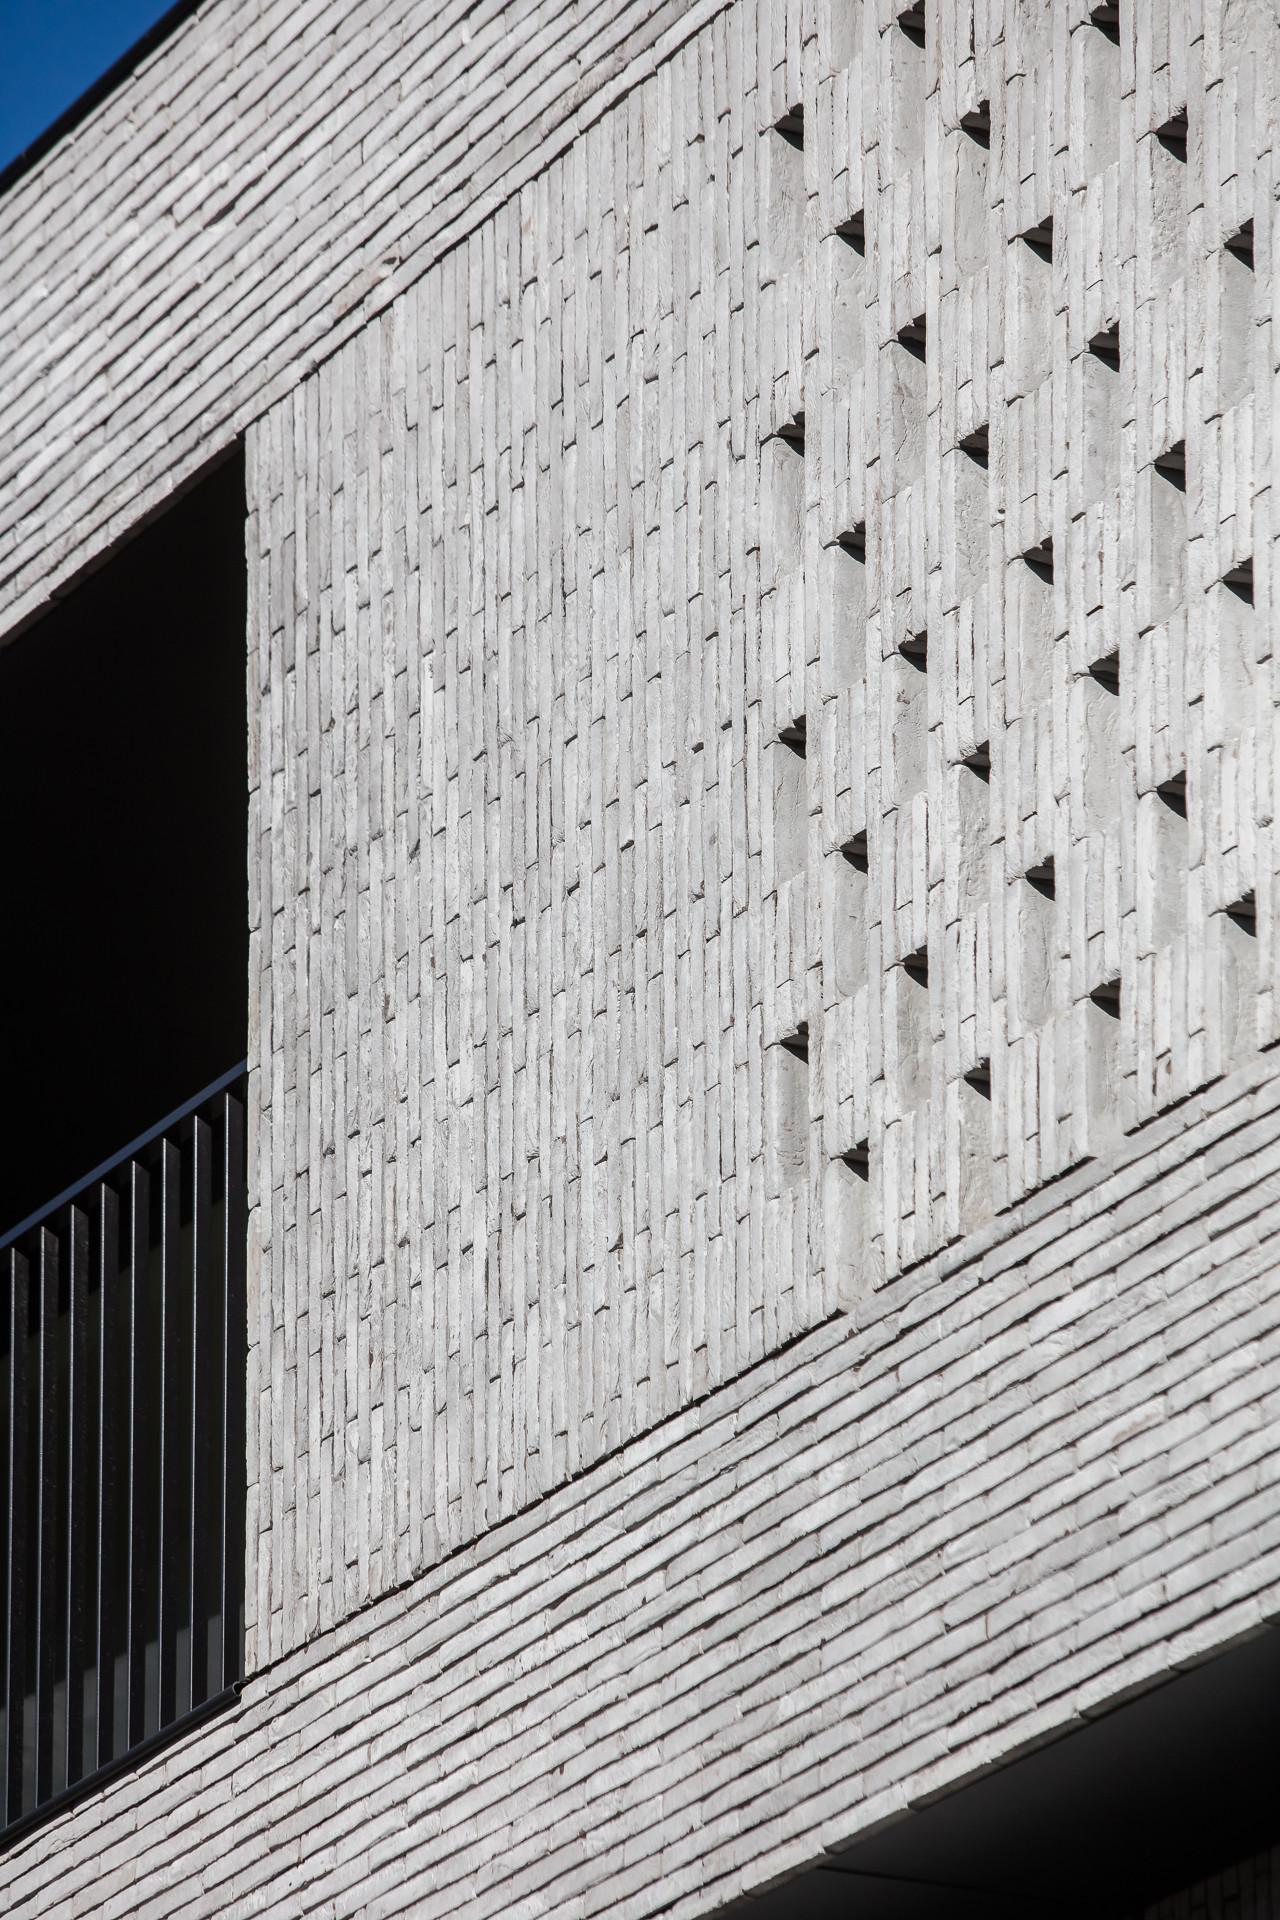 Rietveldprojects - Pierre Paulin - Sint-Idesbald - Foto @Cafeine1